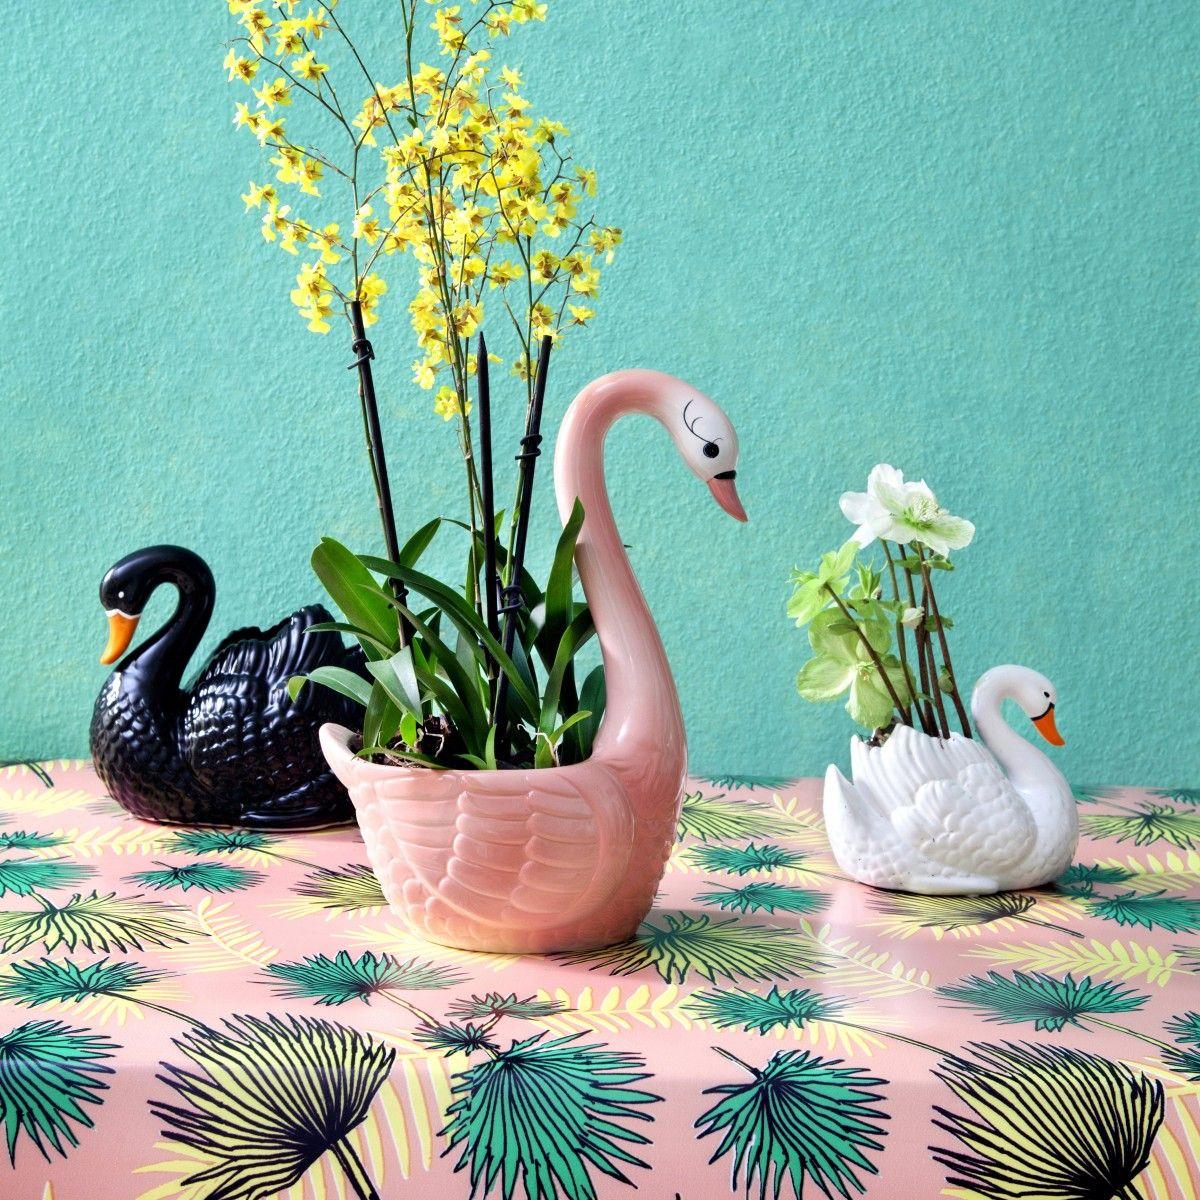 Planter Swan from Kitsch Kitchen Amsterdam   http://www.kitschkitchen.nl/en/